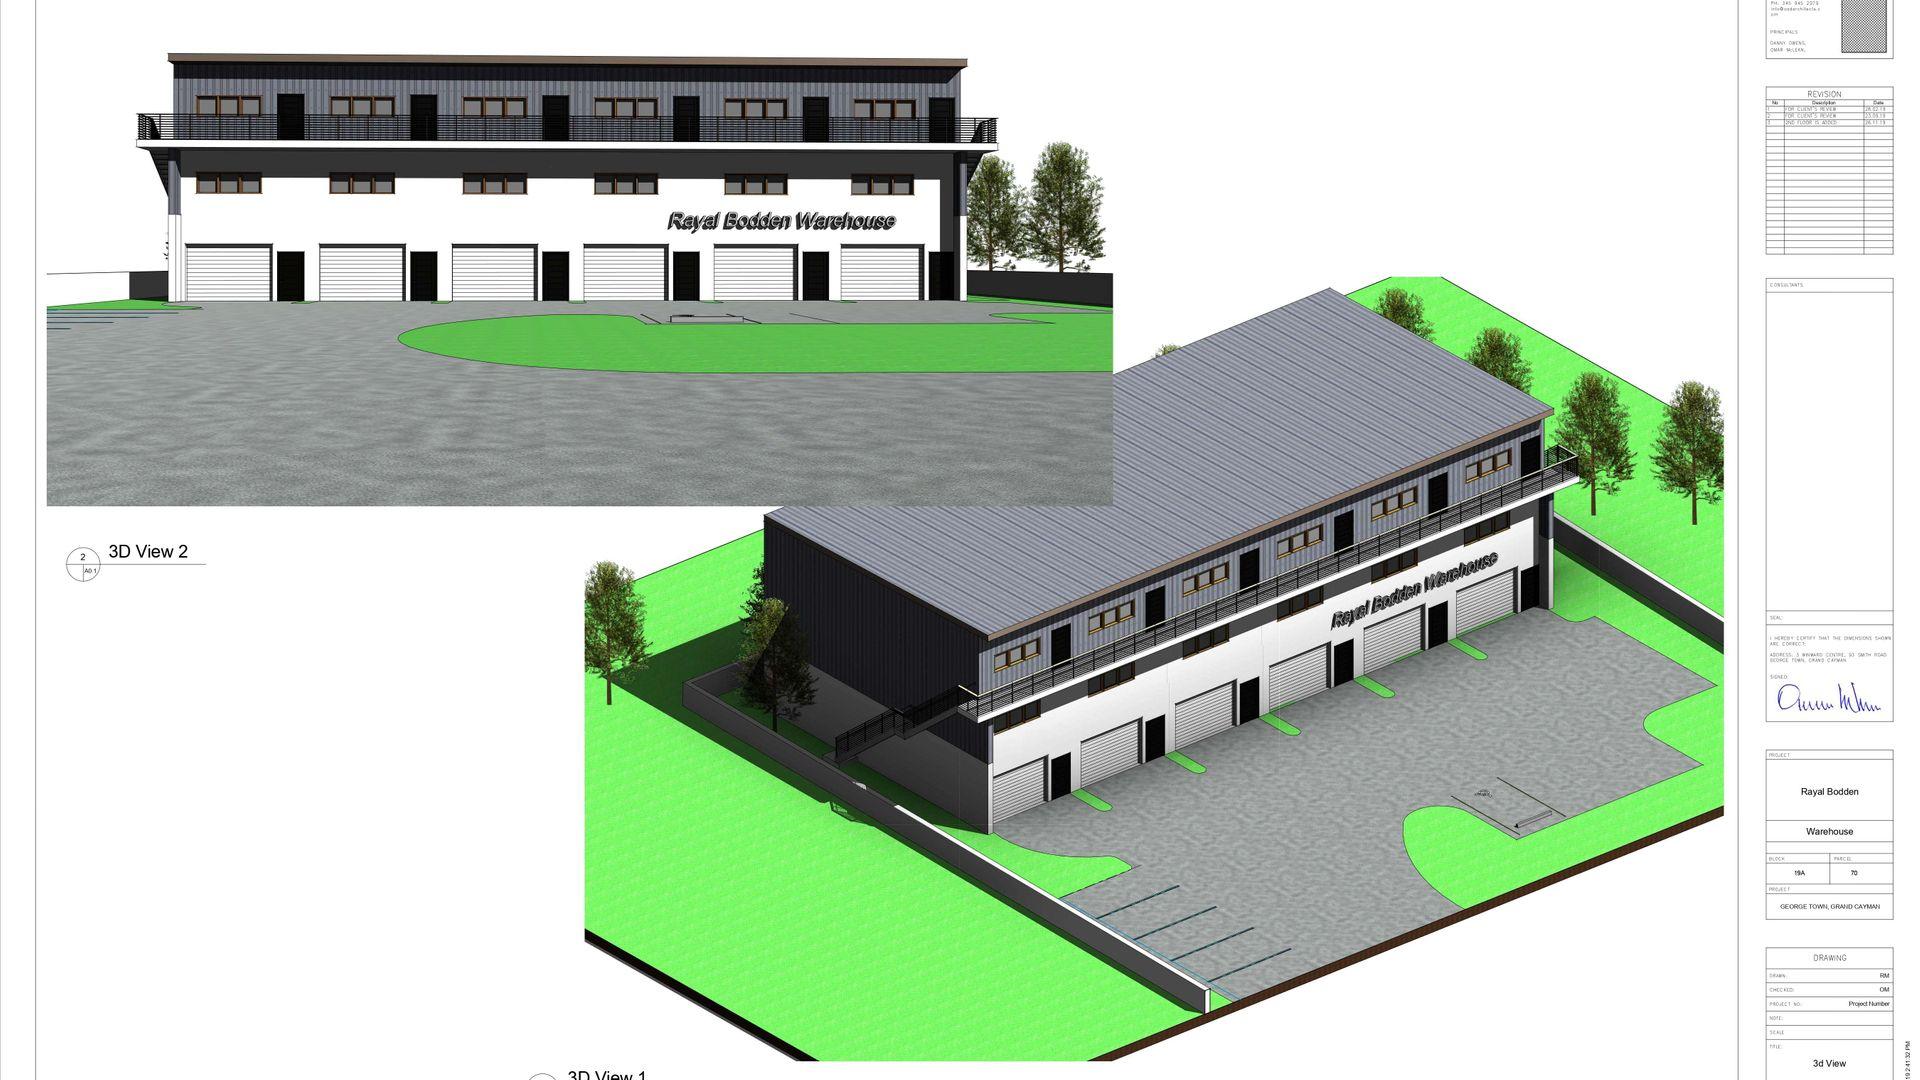 Industrial Park Warehouse Unit 1 (Pre-Construction)